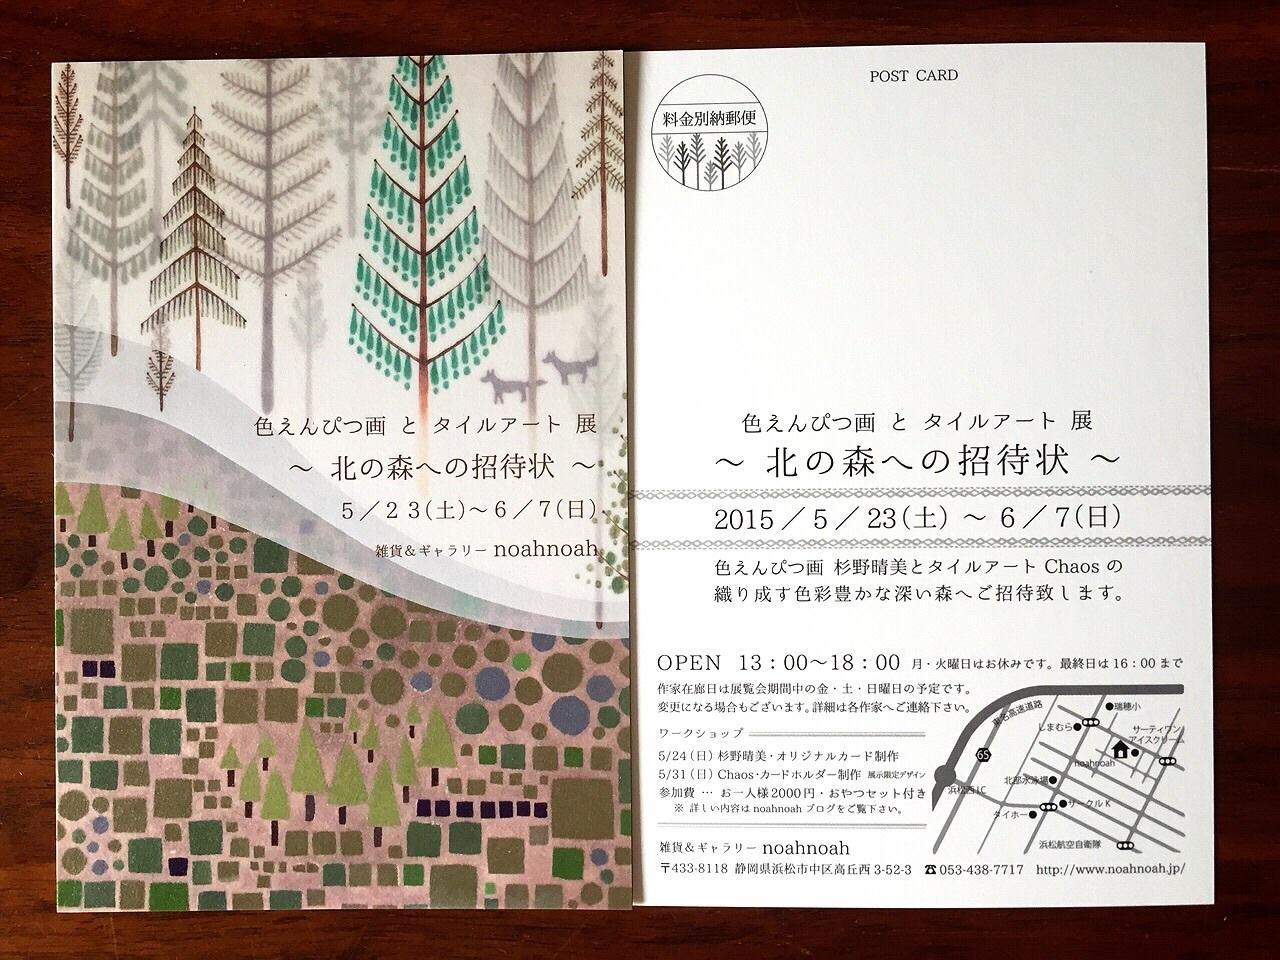 色えんぴつ画とタイルアート展 〜北の森への招待状〜_a0322702_15245424.jpg